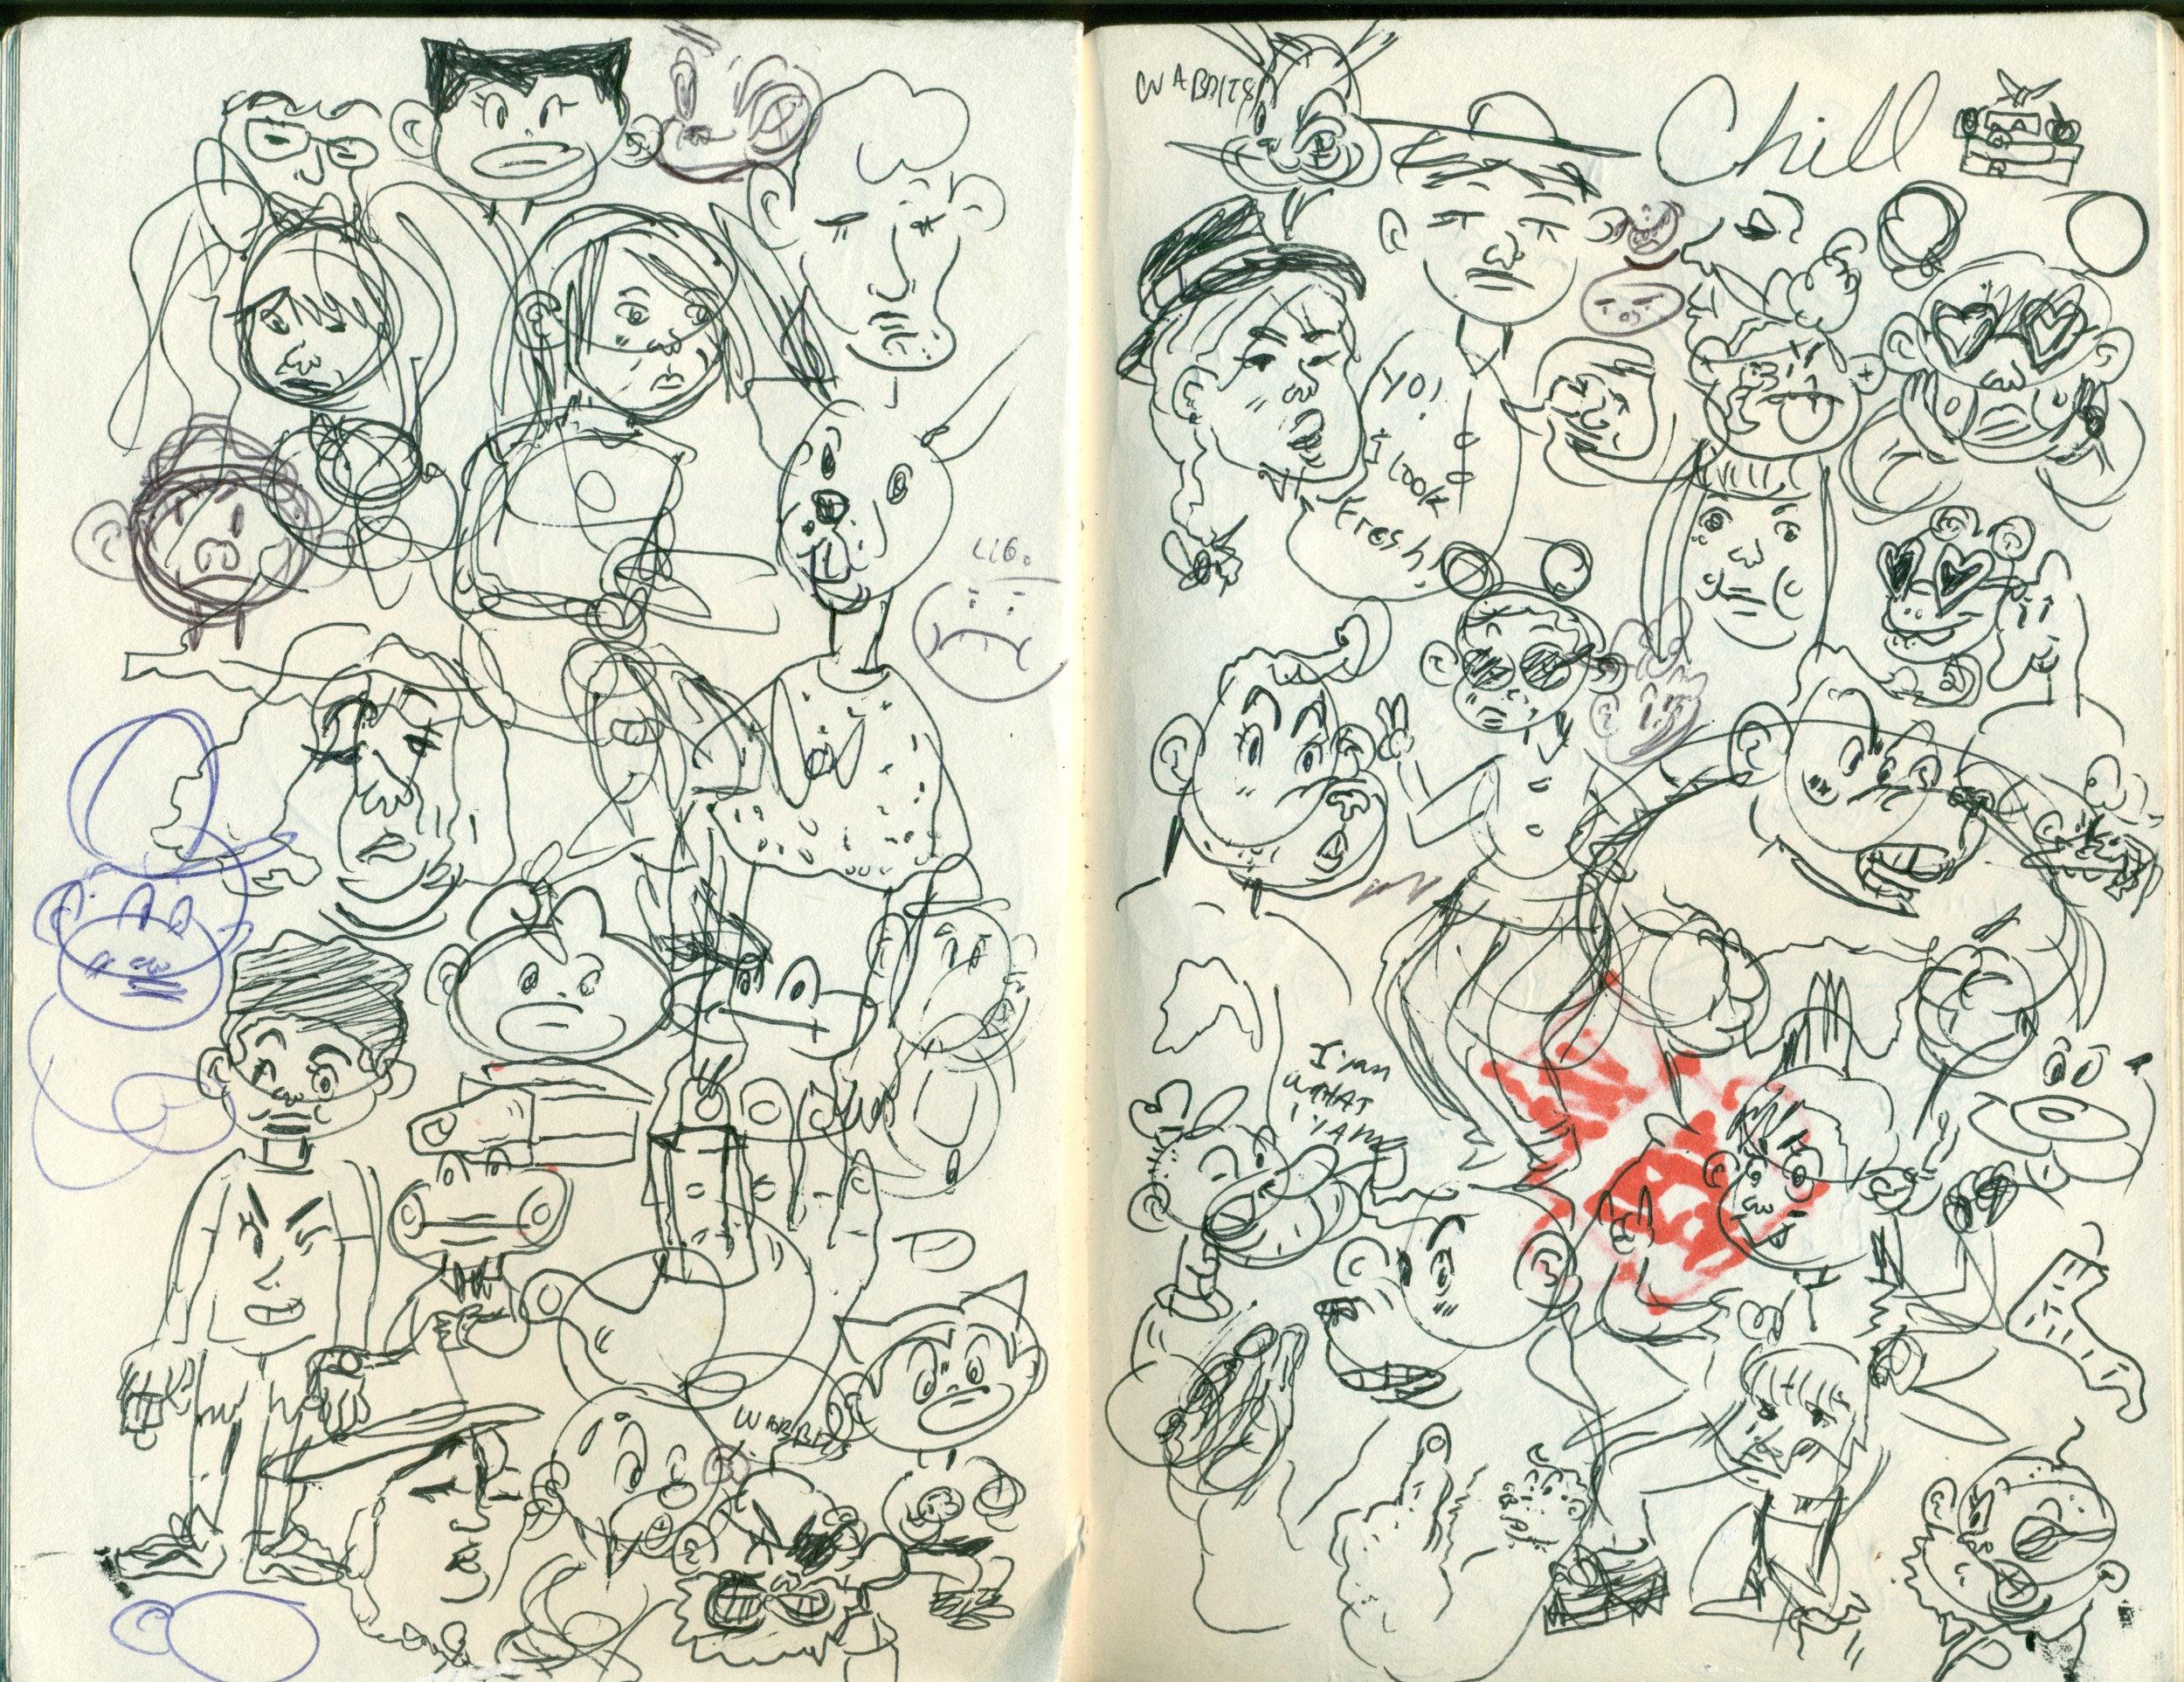 doodle0001.jpg